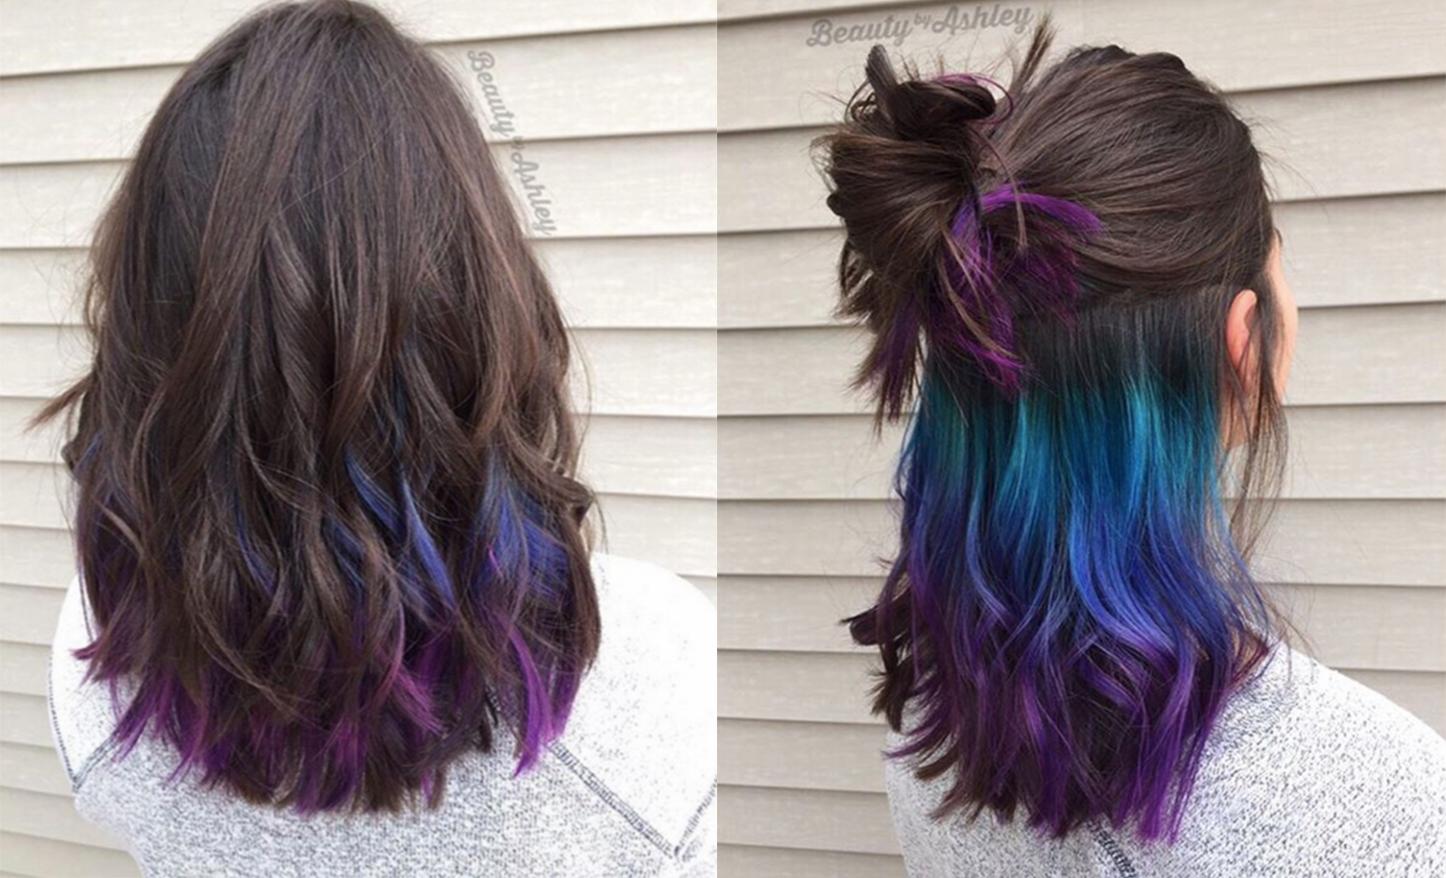 Mốt tóc ombre ẩn hiện được rất nhiều bạn trẻ yêu thích.